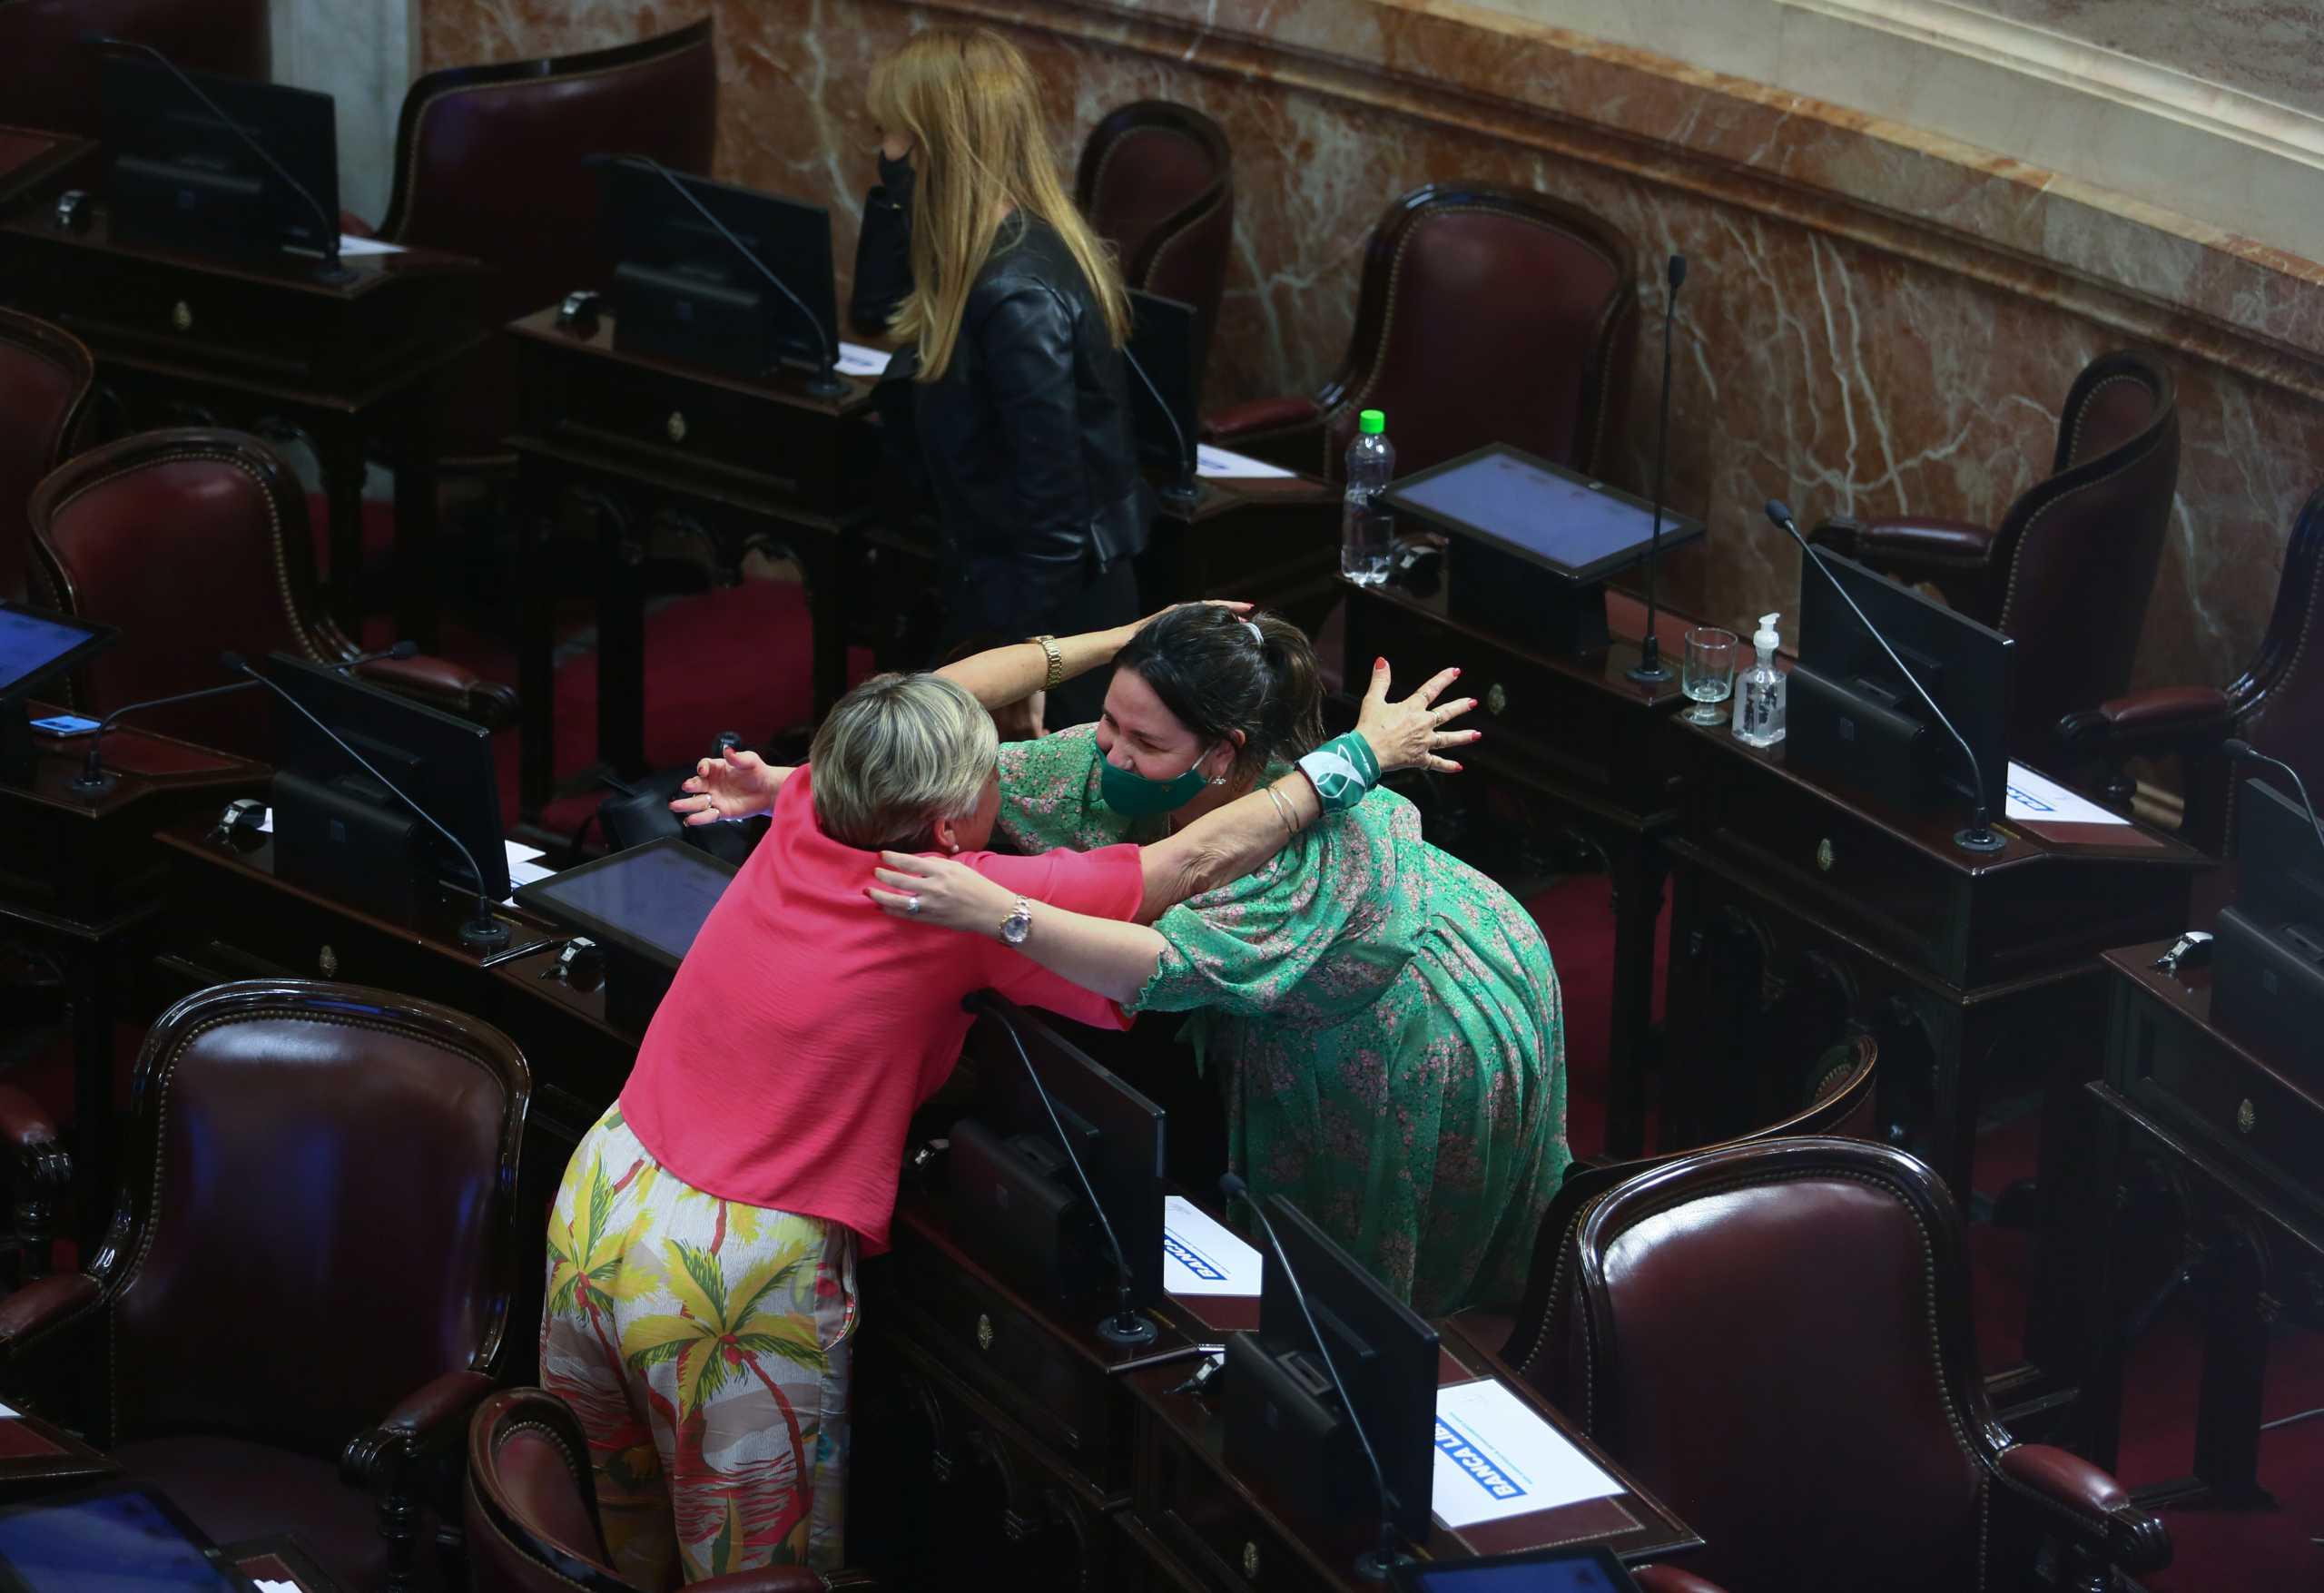 Αργεντινή: Ιστορική απόφαση από την Βουλή που νομιμοποίησε τις αμβλώσεις